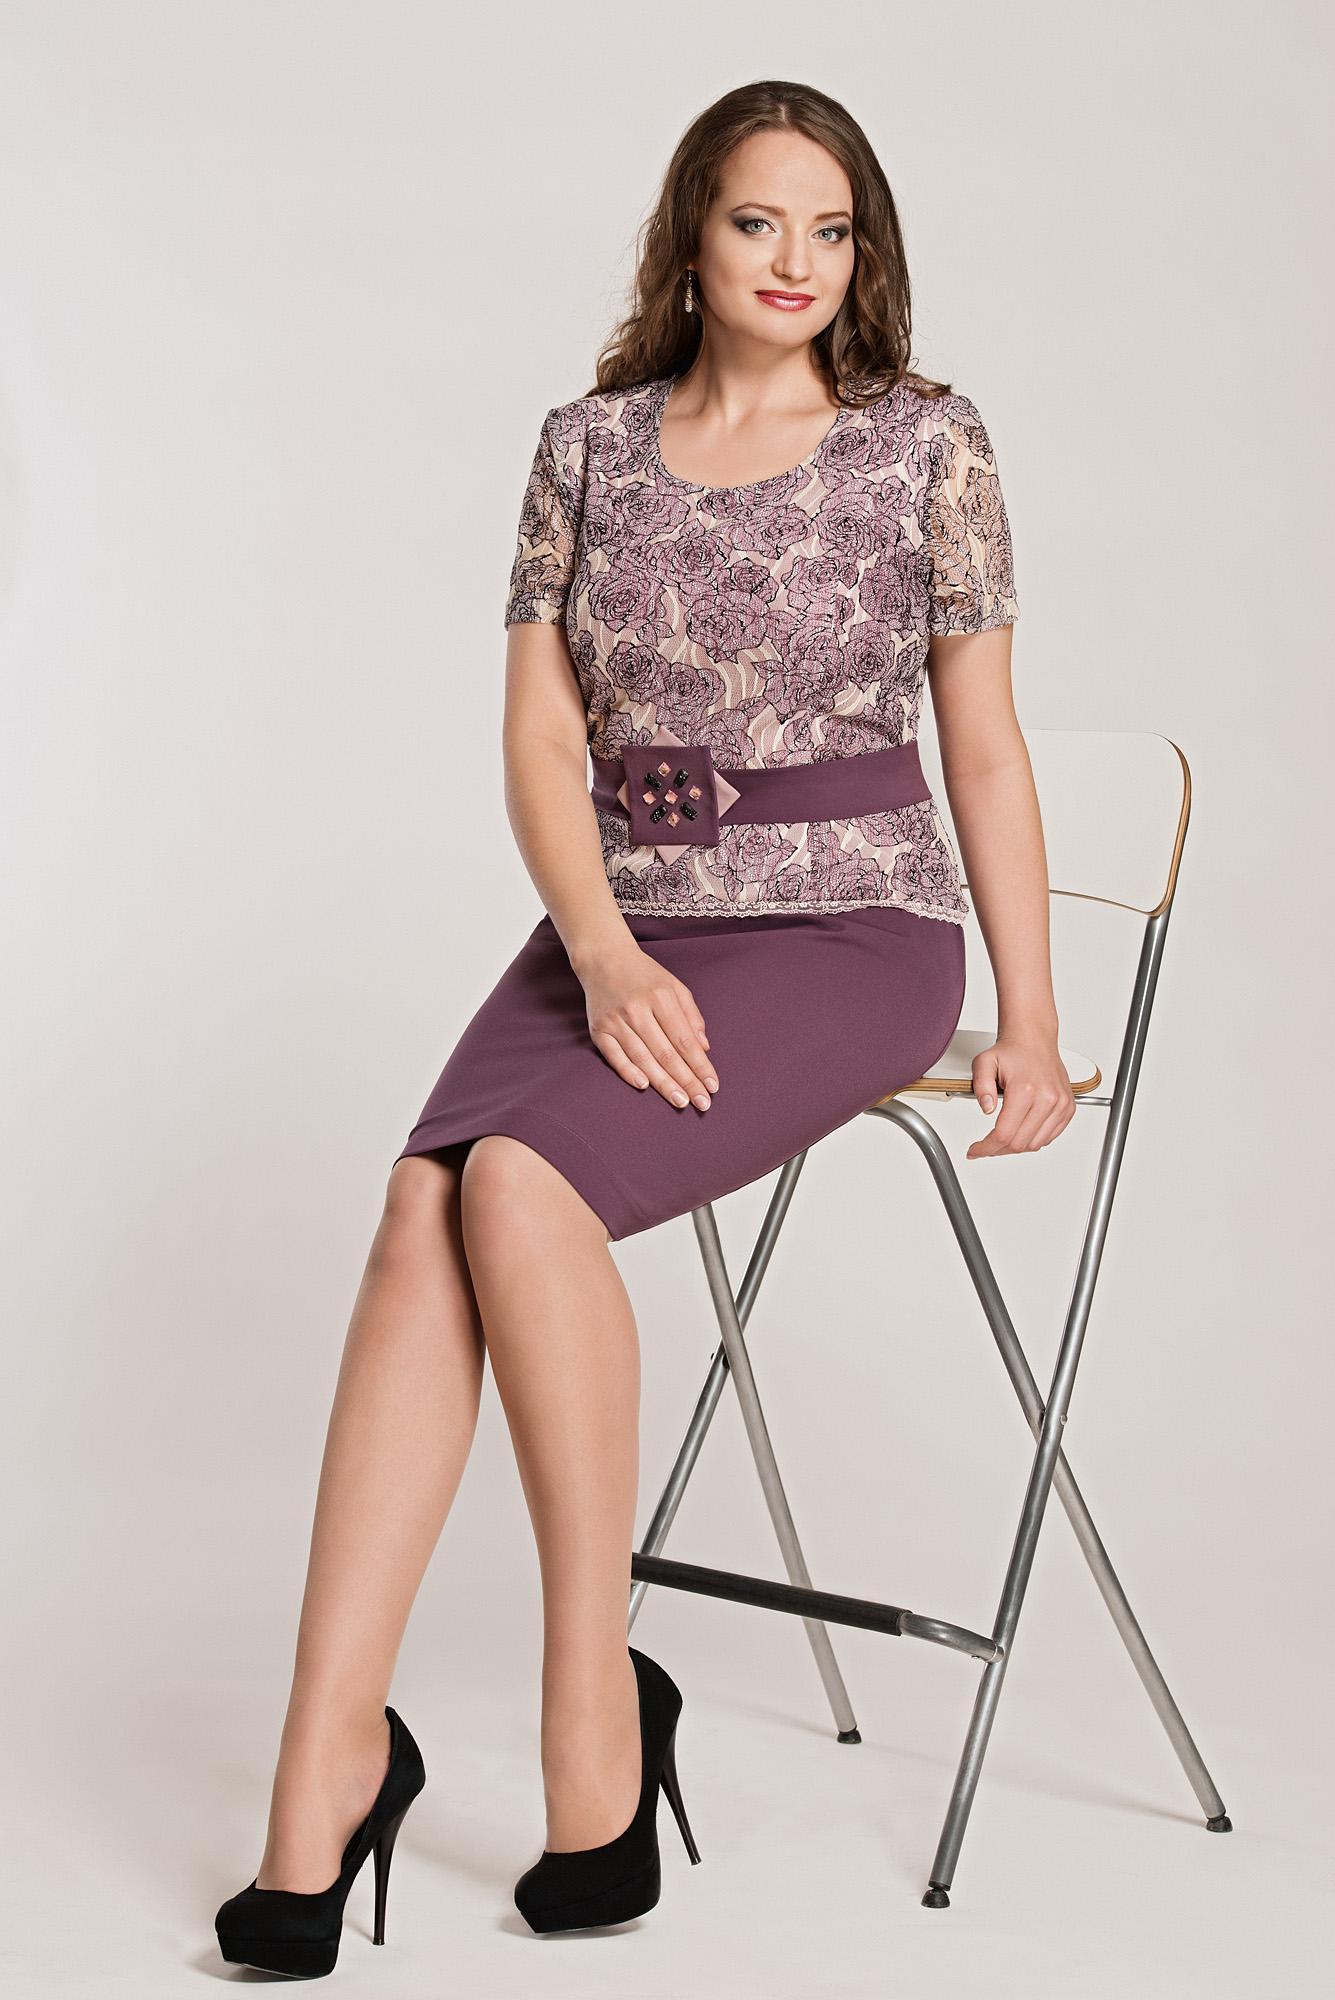 Женская Одежда Больших Размеров Производство Корея Отшито В России